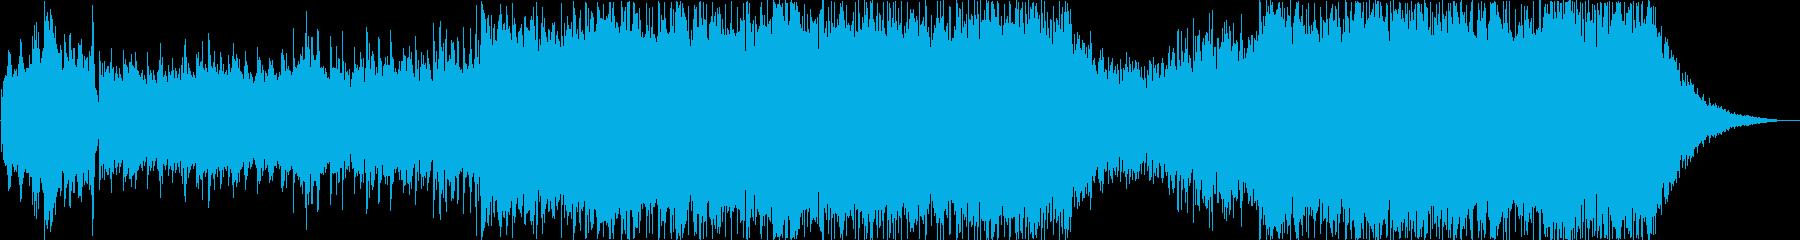 パッヘルベルのカノン ギターアレンジ版の再生済みの波形